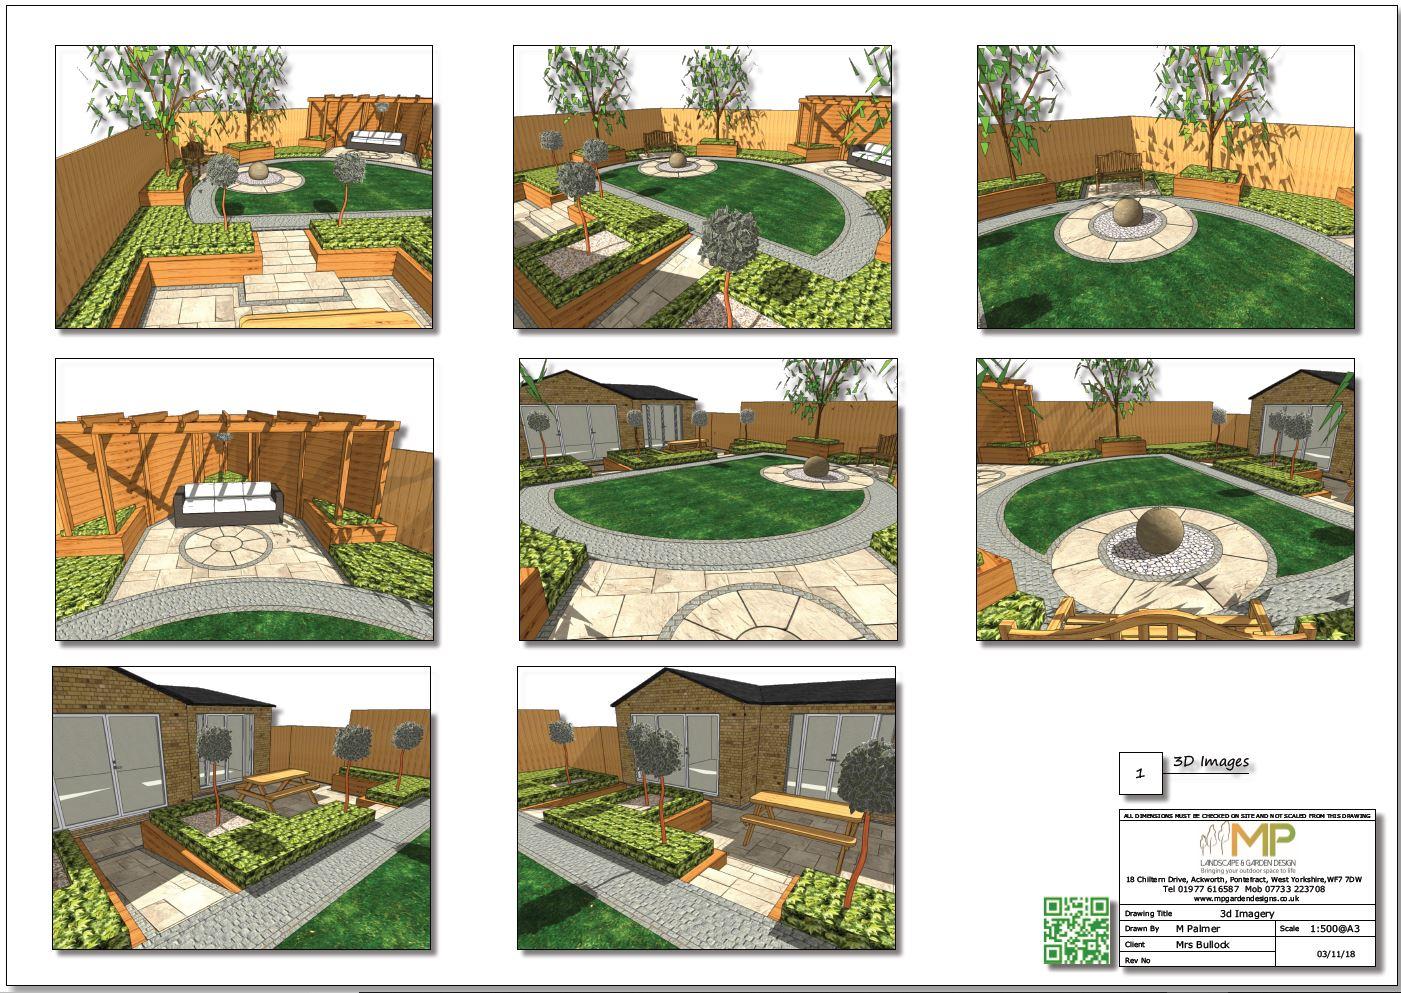 Concept plan-1 3D images for a rear garden in Mexeborough.